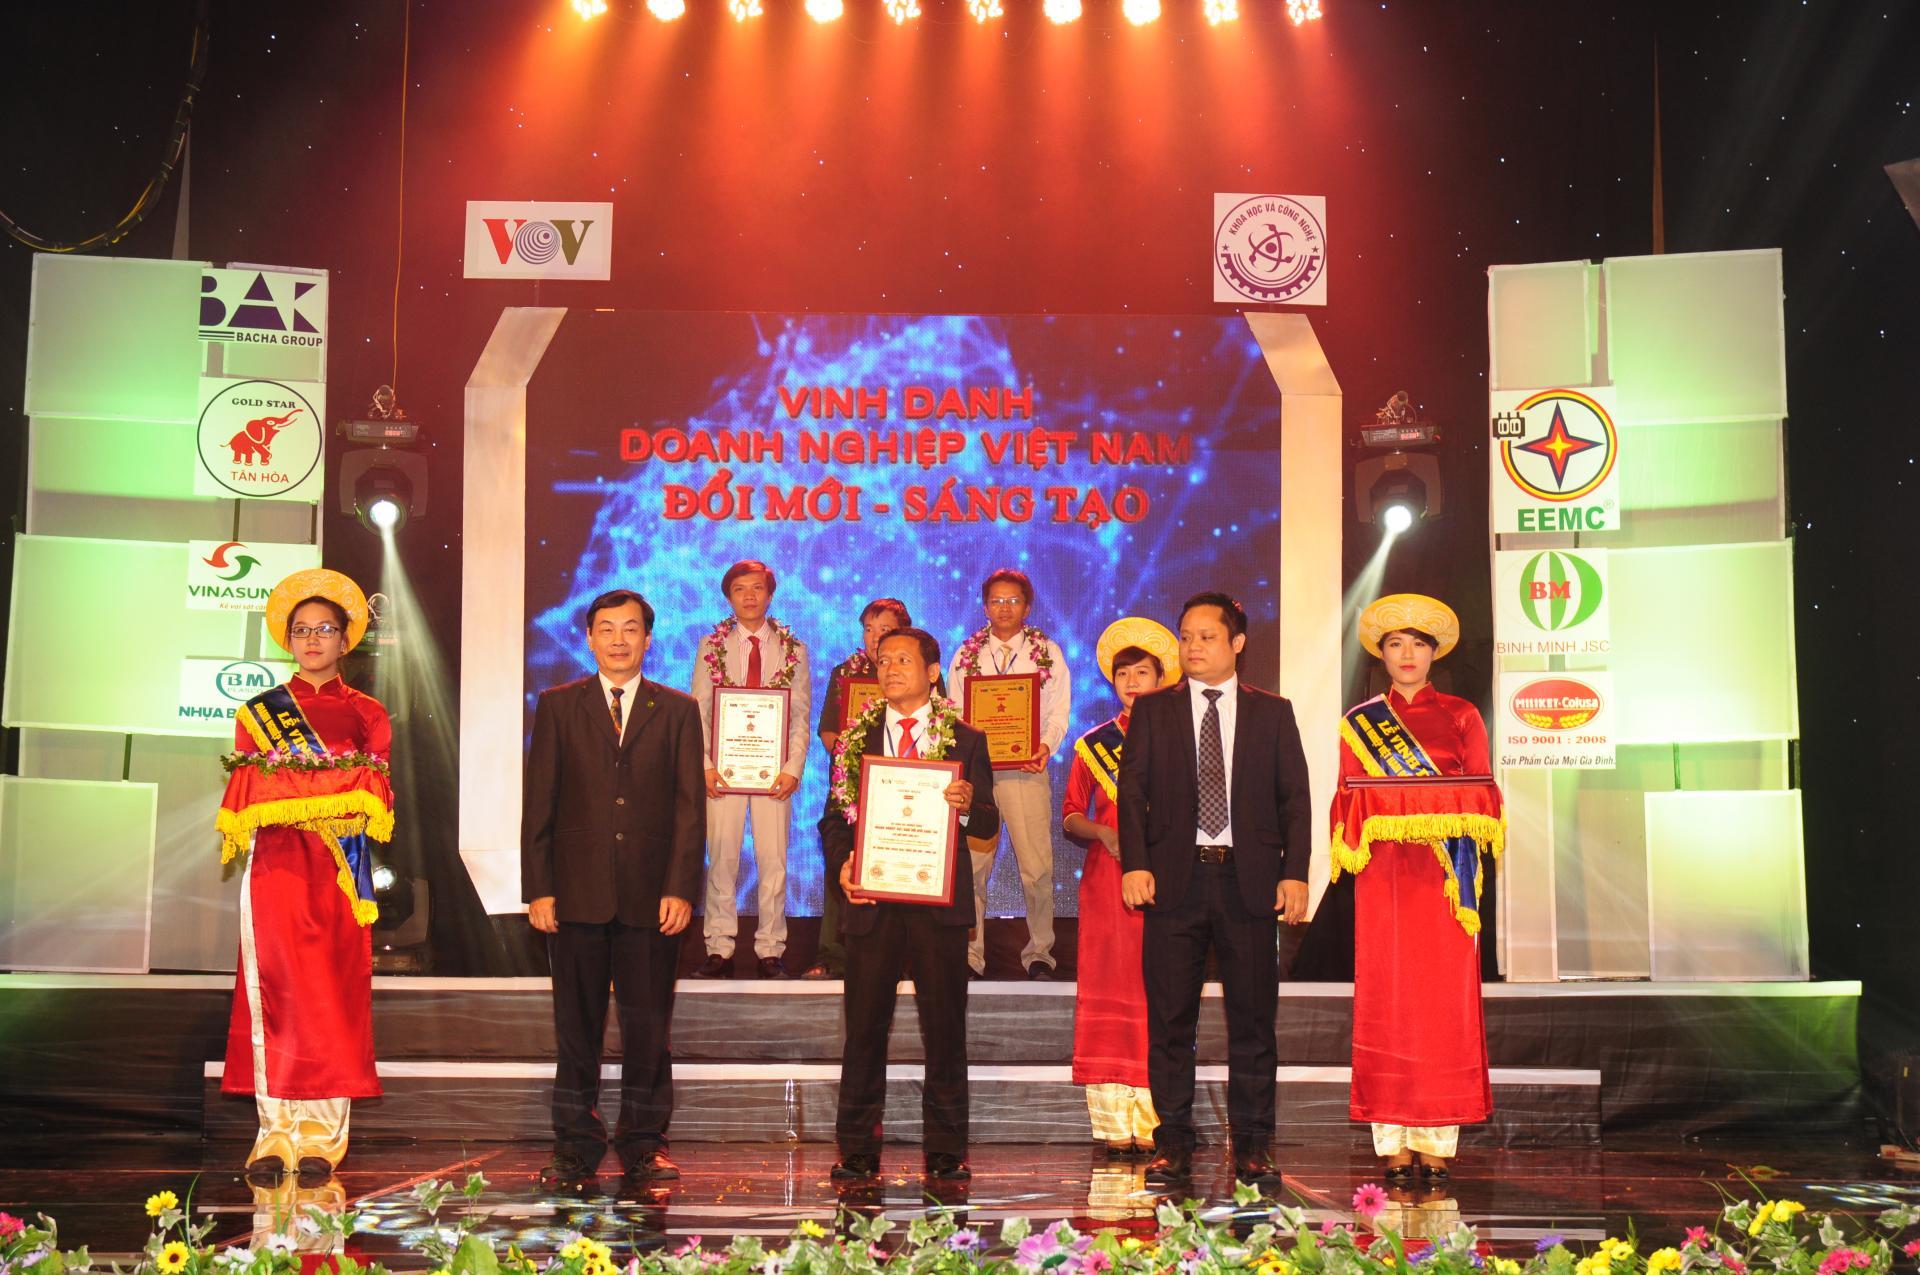 Giám đốc Bạch Vi Chủ thay mặt Công ty TNHH Dân Chủ nhận bằng tôn vinh Doanh nghiệp đổi mới sáng tạo do Bộ KHCN và đài tiếng nói Việt Nam tổ chức ngày 24/06/2014